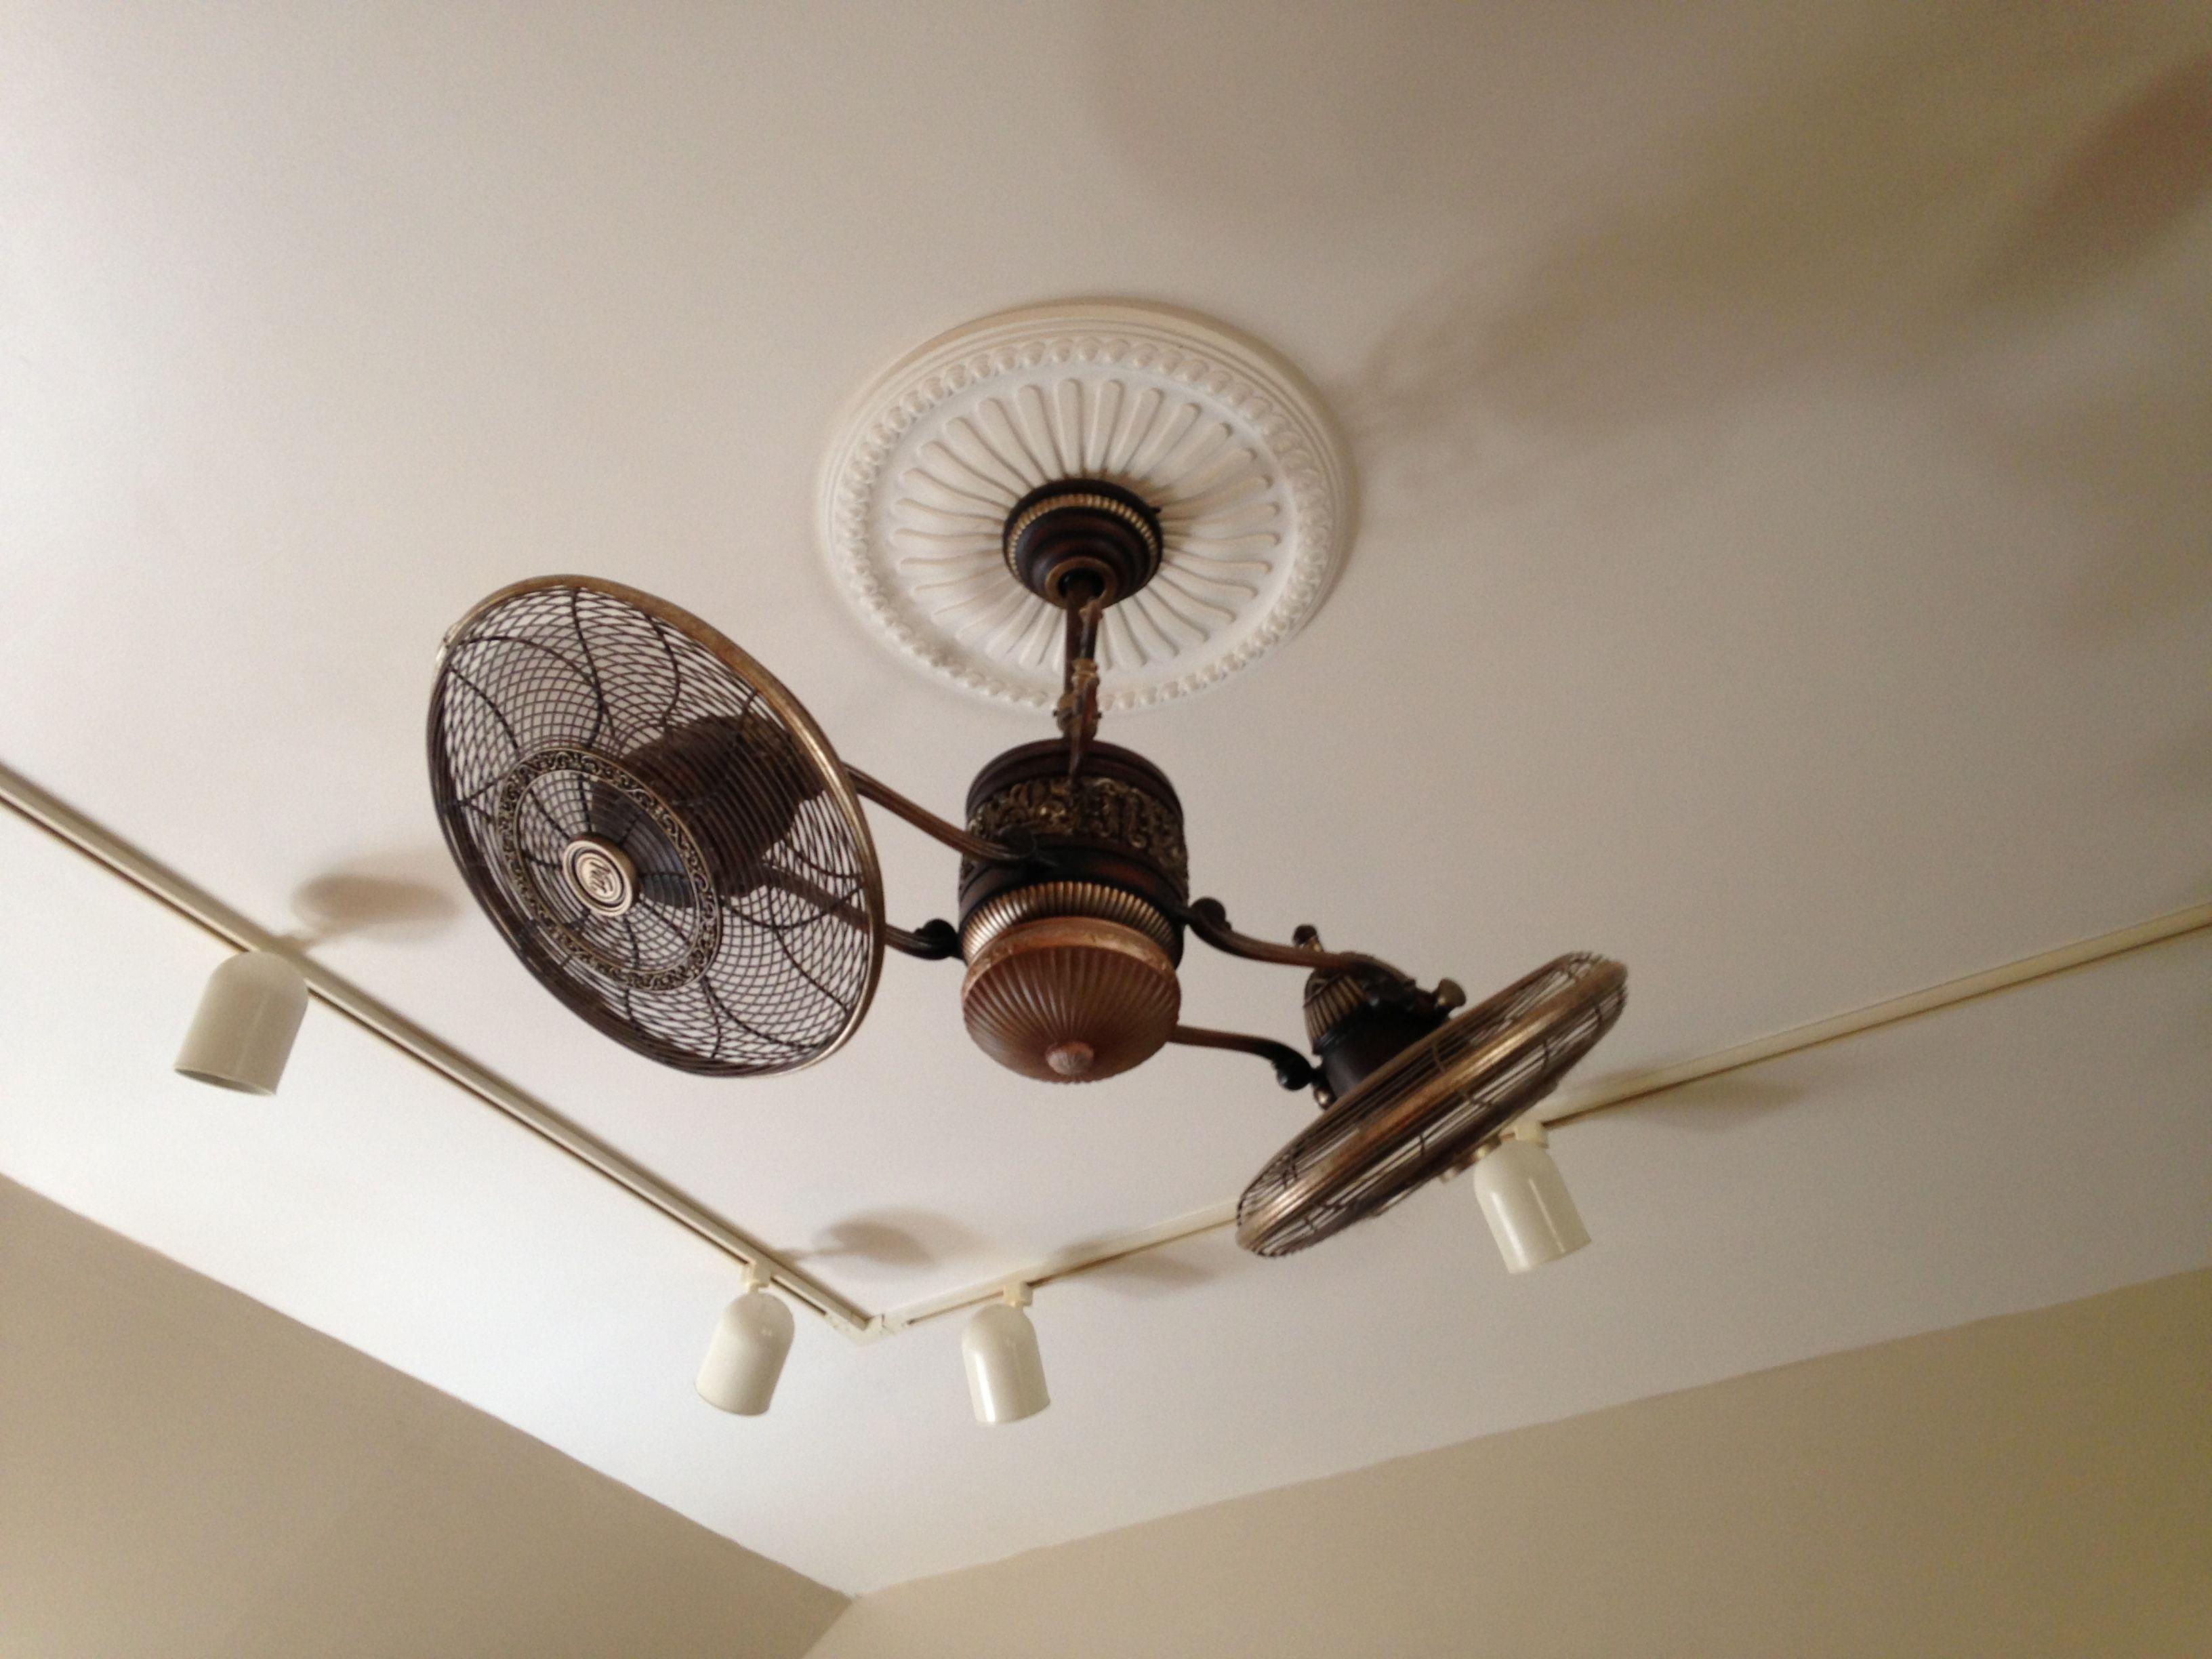 Cool Old School Ceiling Fan Idea bar ideas Pinterest